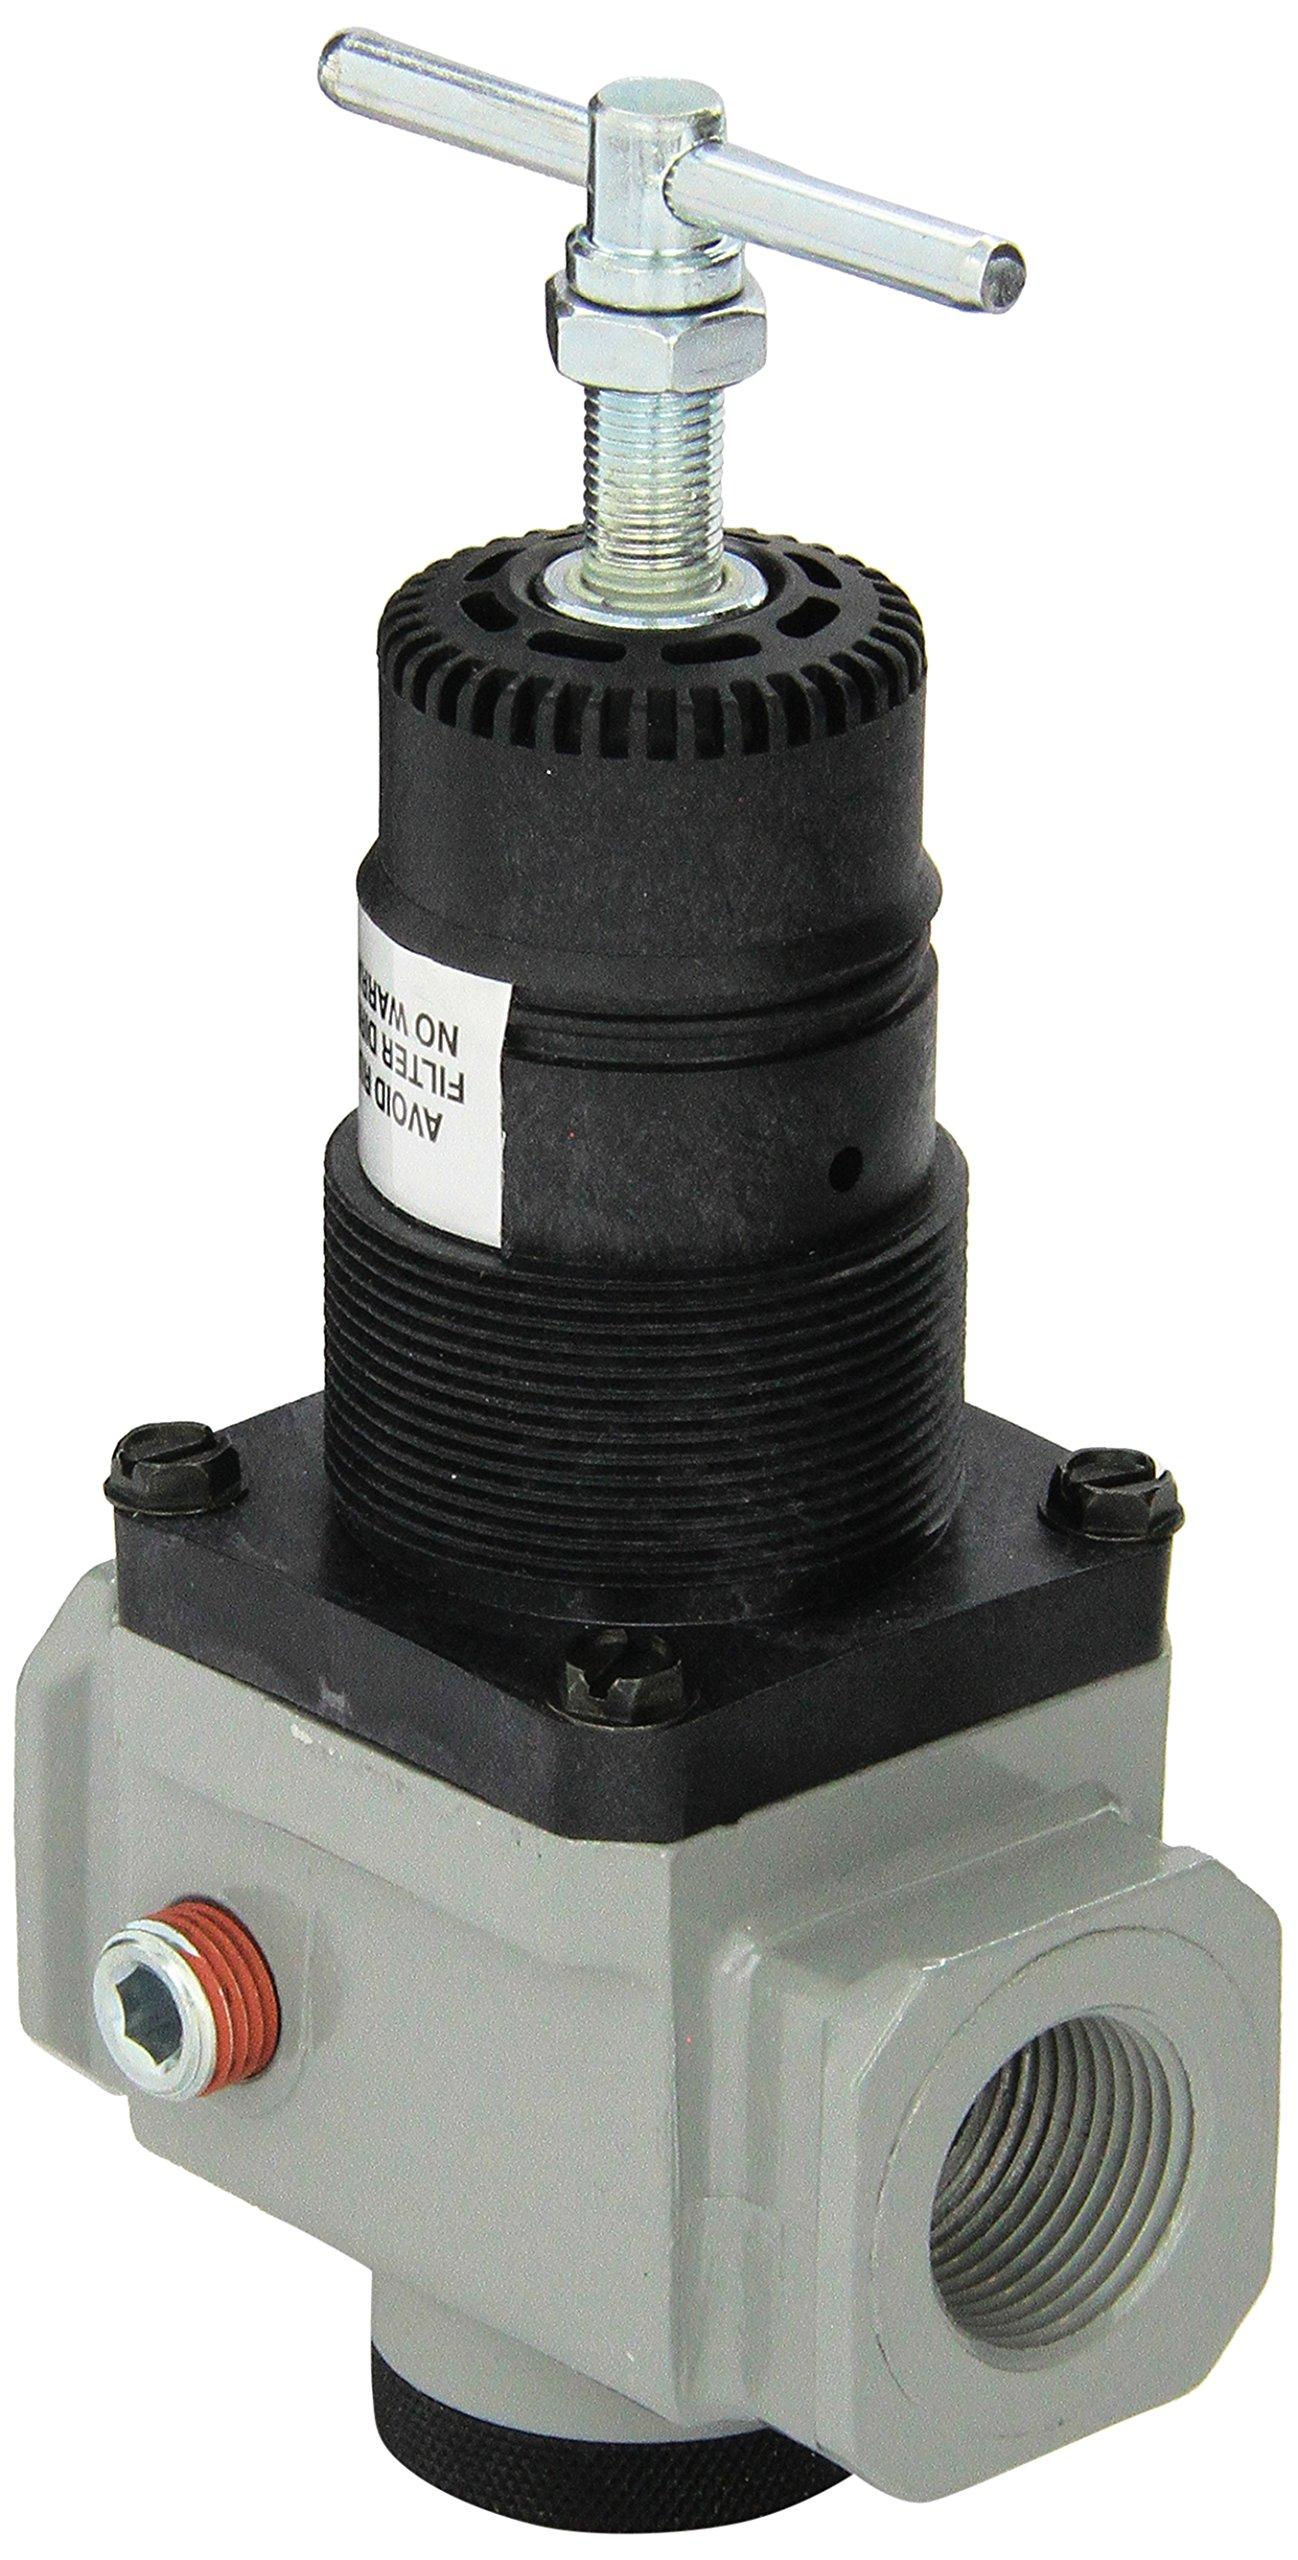 Milton 1026-8 3/4'' NPT High Pressure FRL Regulator